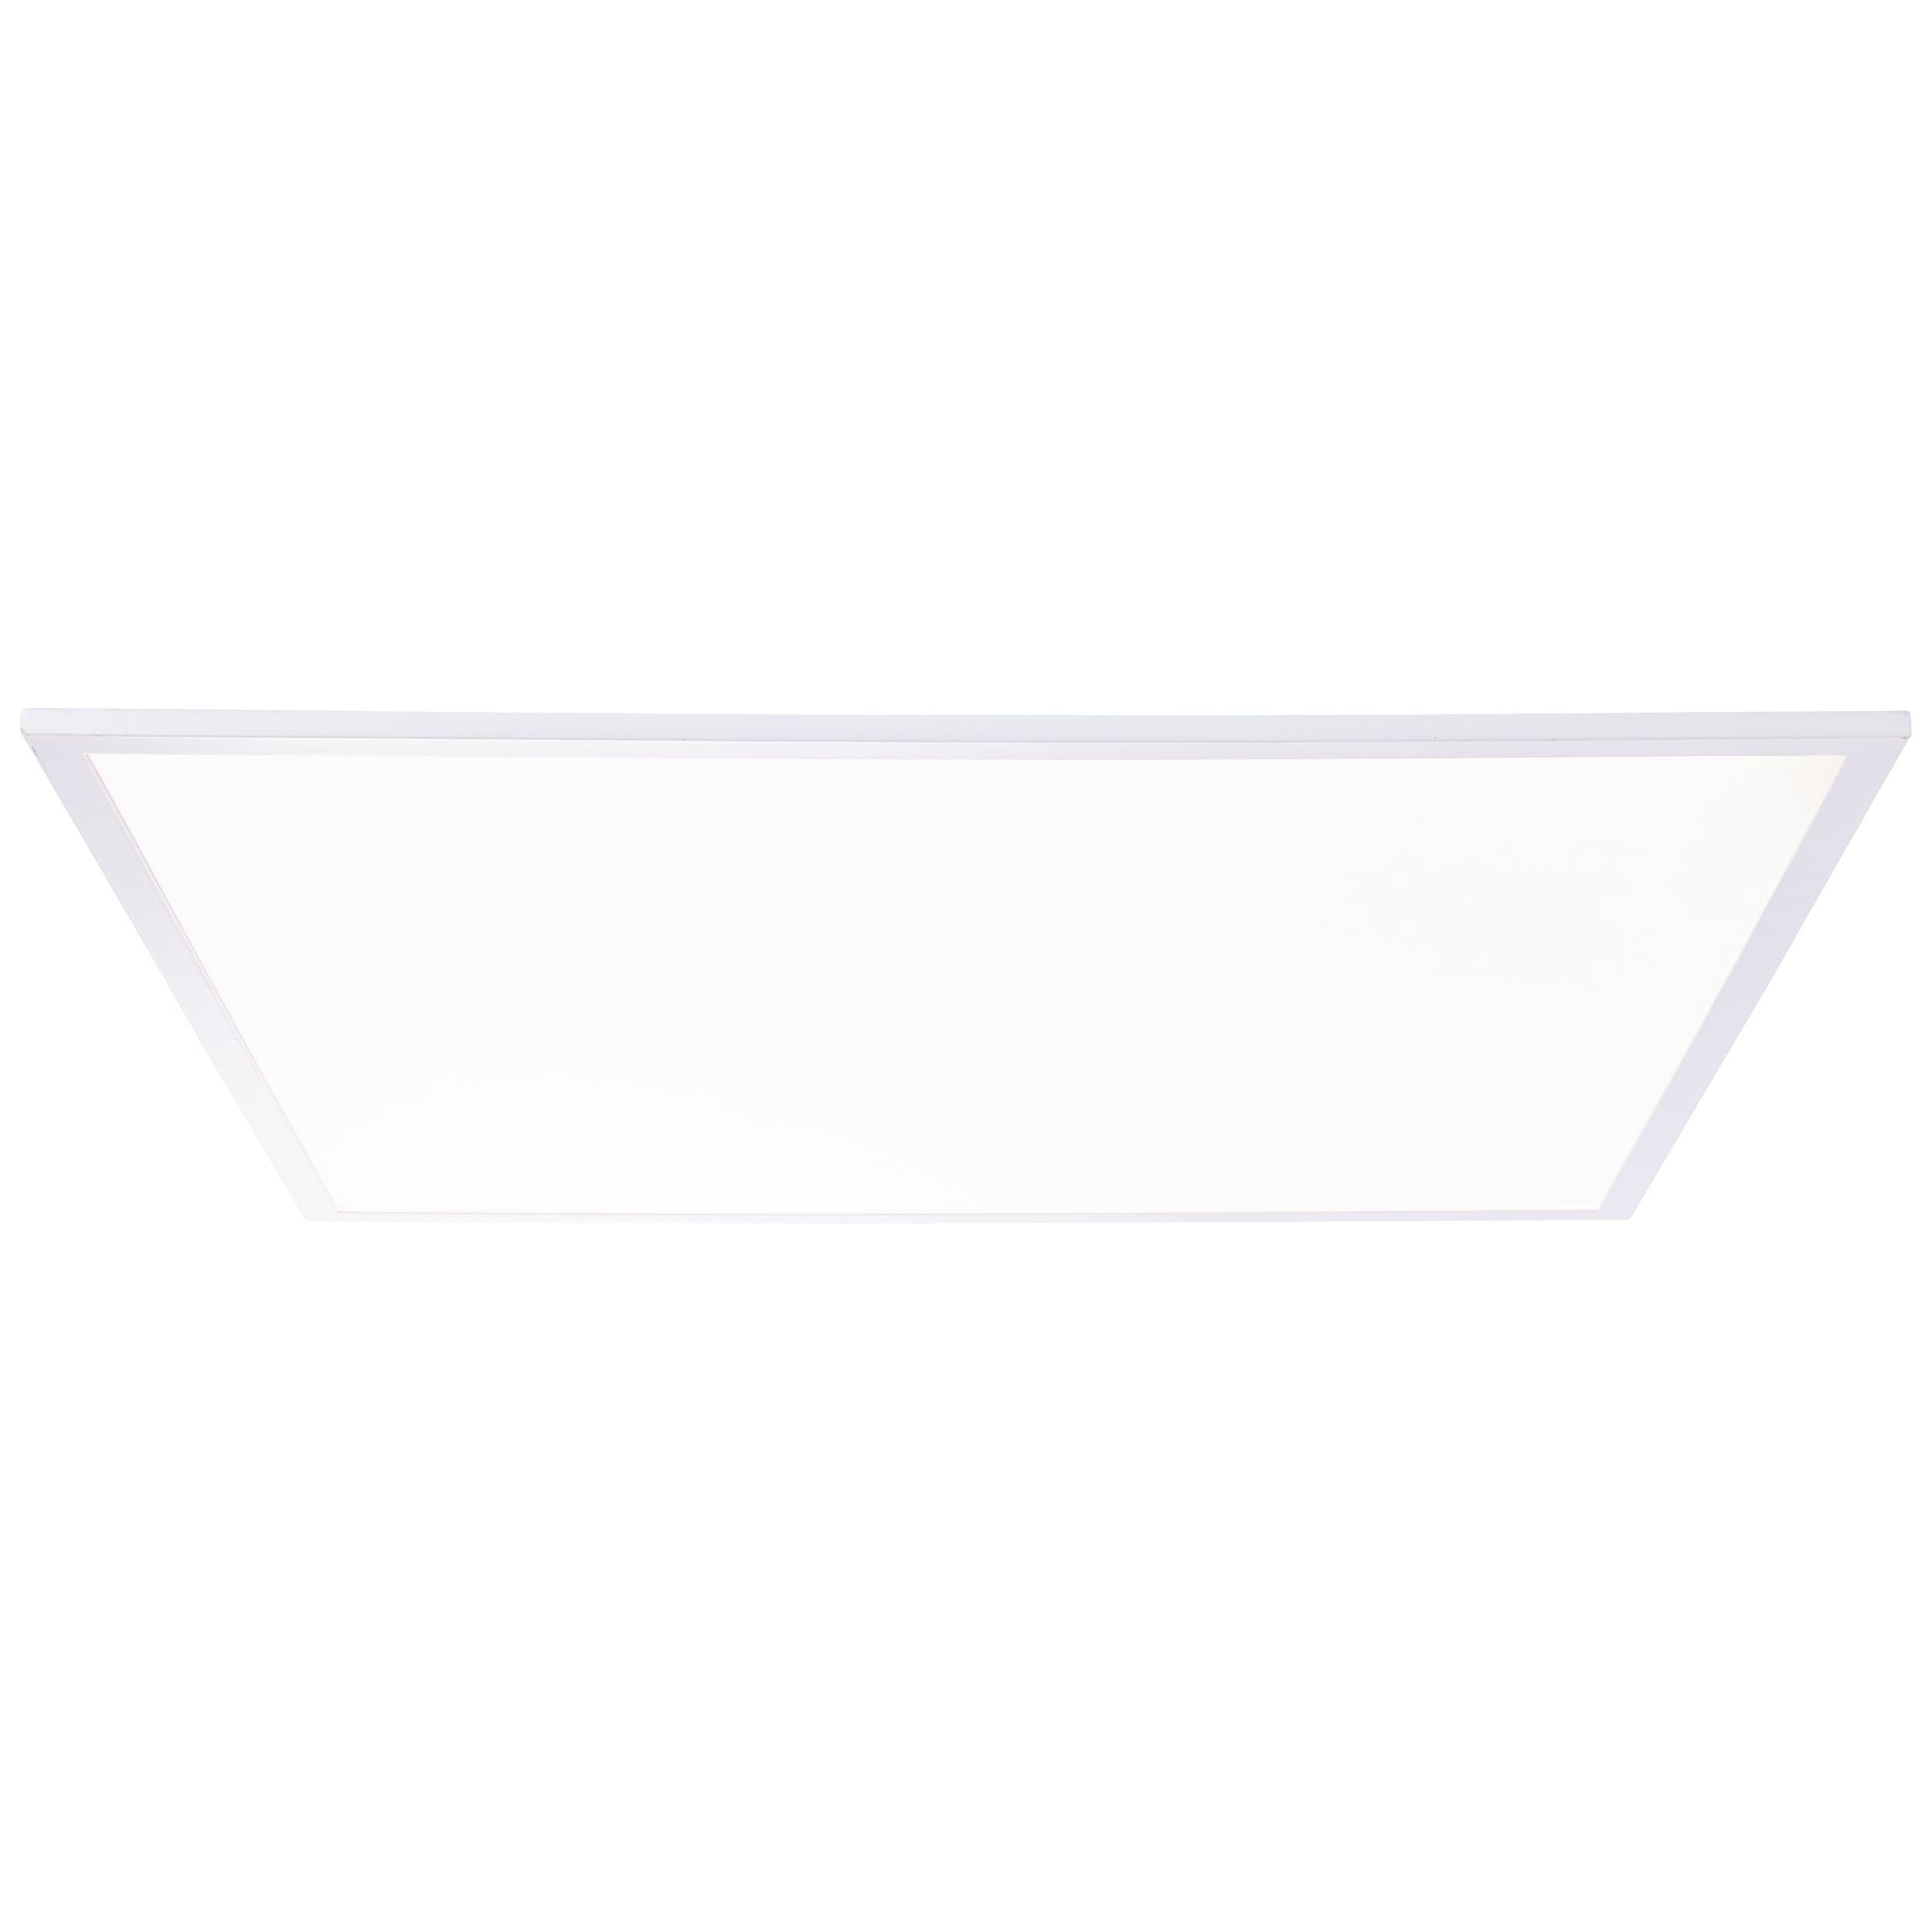 Brilliant Leuchten Buffi LED Deckenaufbau-Paneel 60x60cm weiÃY/kaltweiÃY